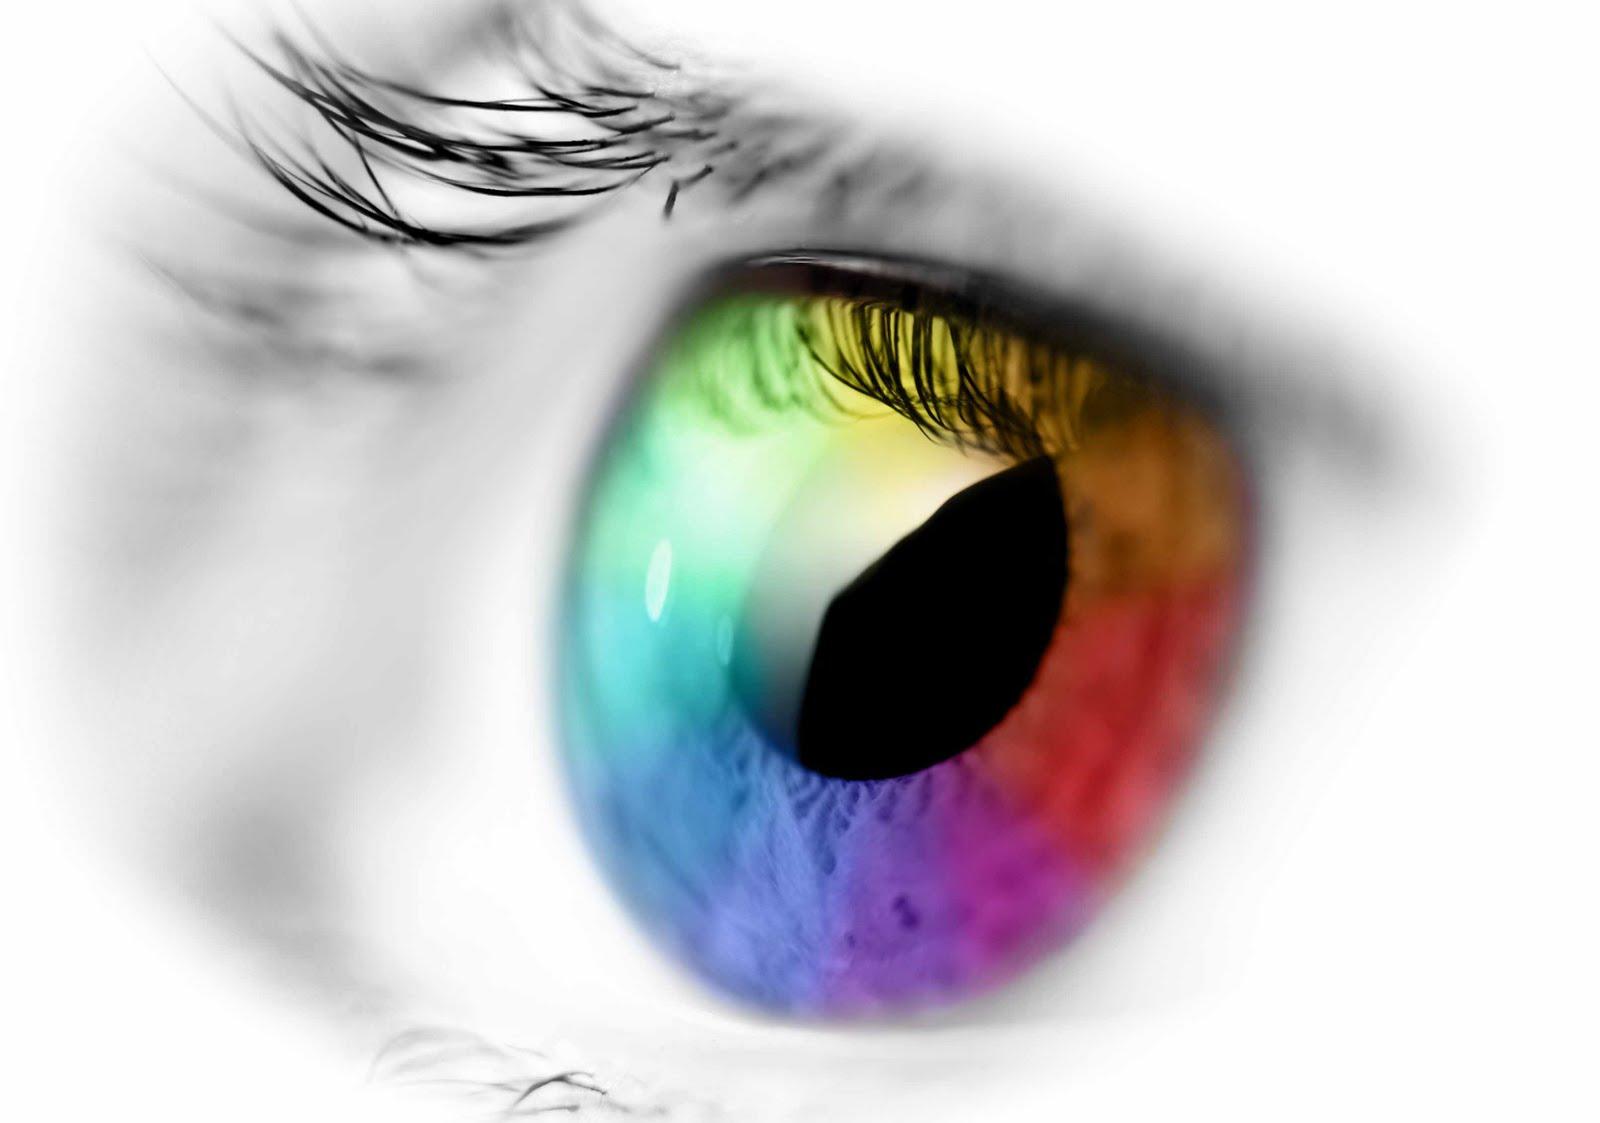 ecf4215450 Tanto la operación de presbicia con láser como la operación de presbicia  con lente intraocular te permiten olvidarte para siempre de las incómodas  gafas y ...